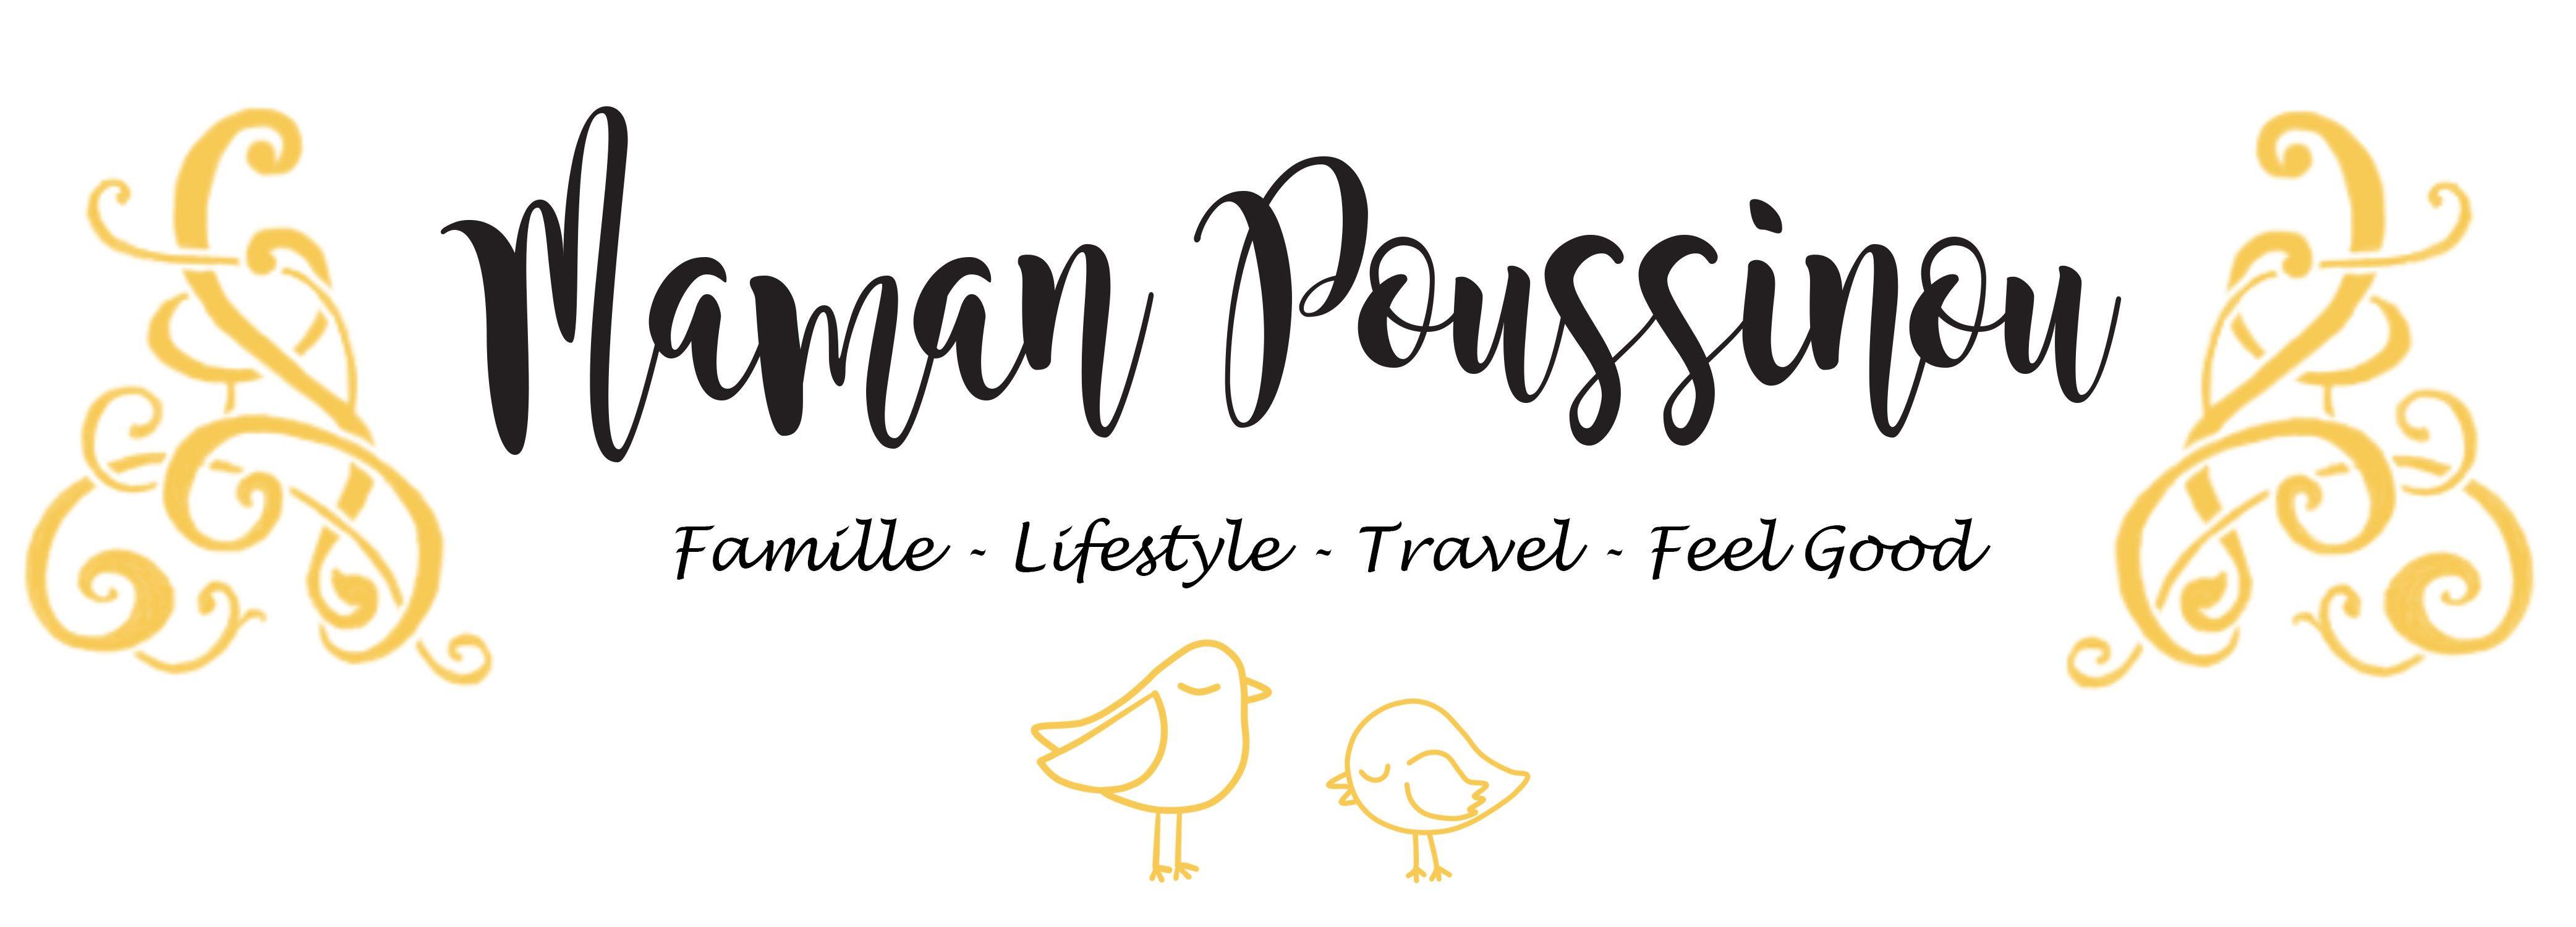 Maman Poussinou Blog Famille, Lifestyle et Travel près de Marseille